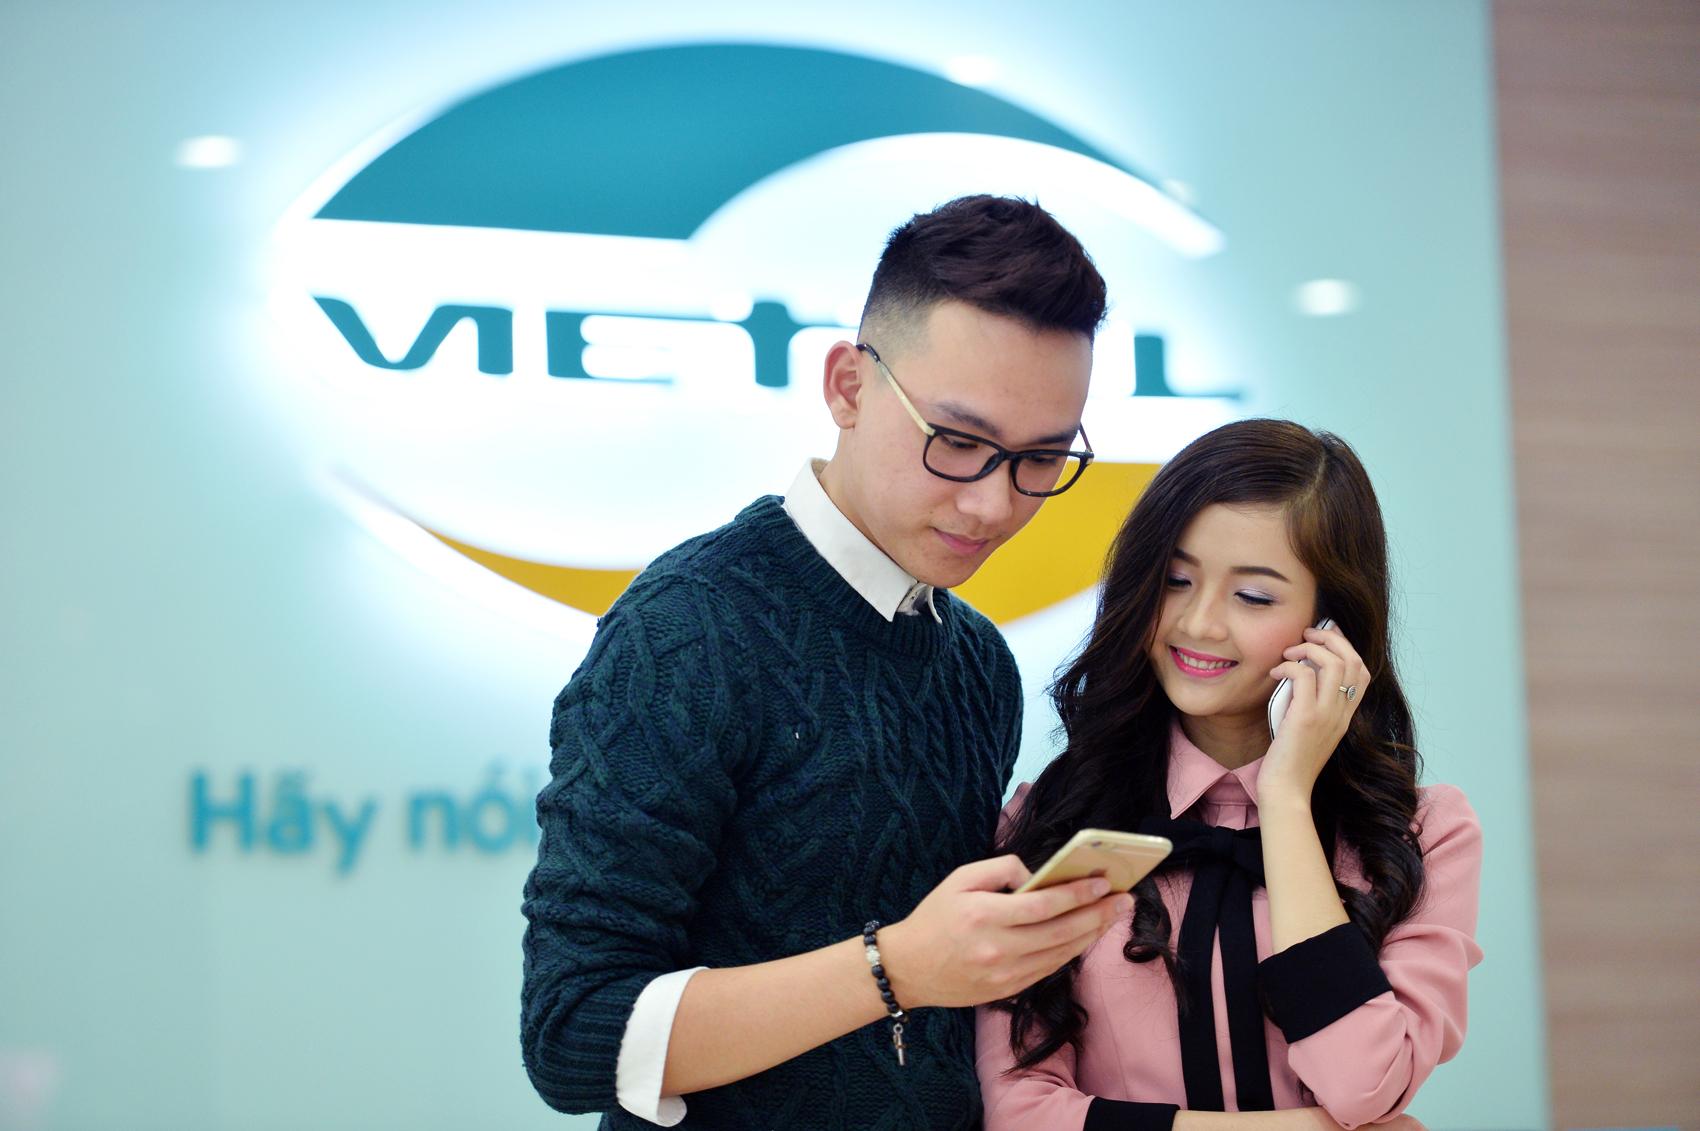 Mua thẻ viettel online khác gì so với cách mua truyền thống?